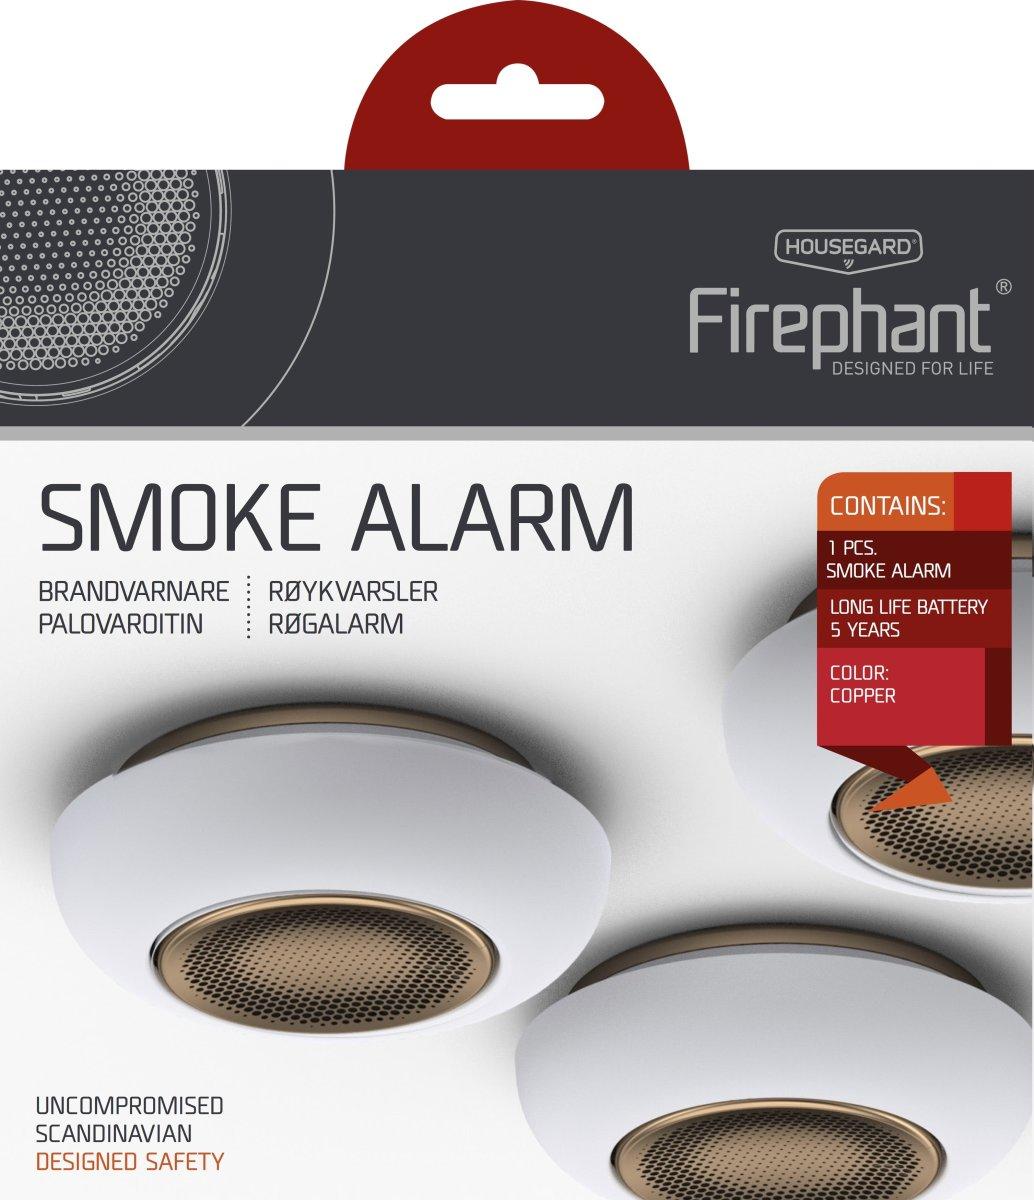 Housegard Firephant optisk røgalarm SA800S, kobber